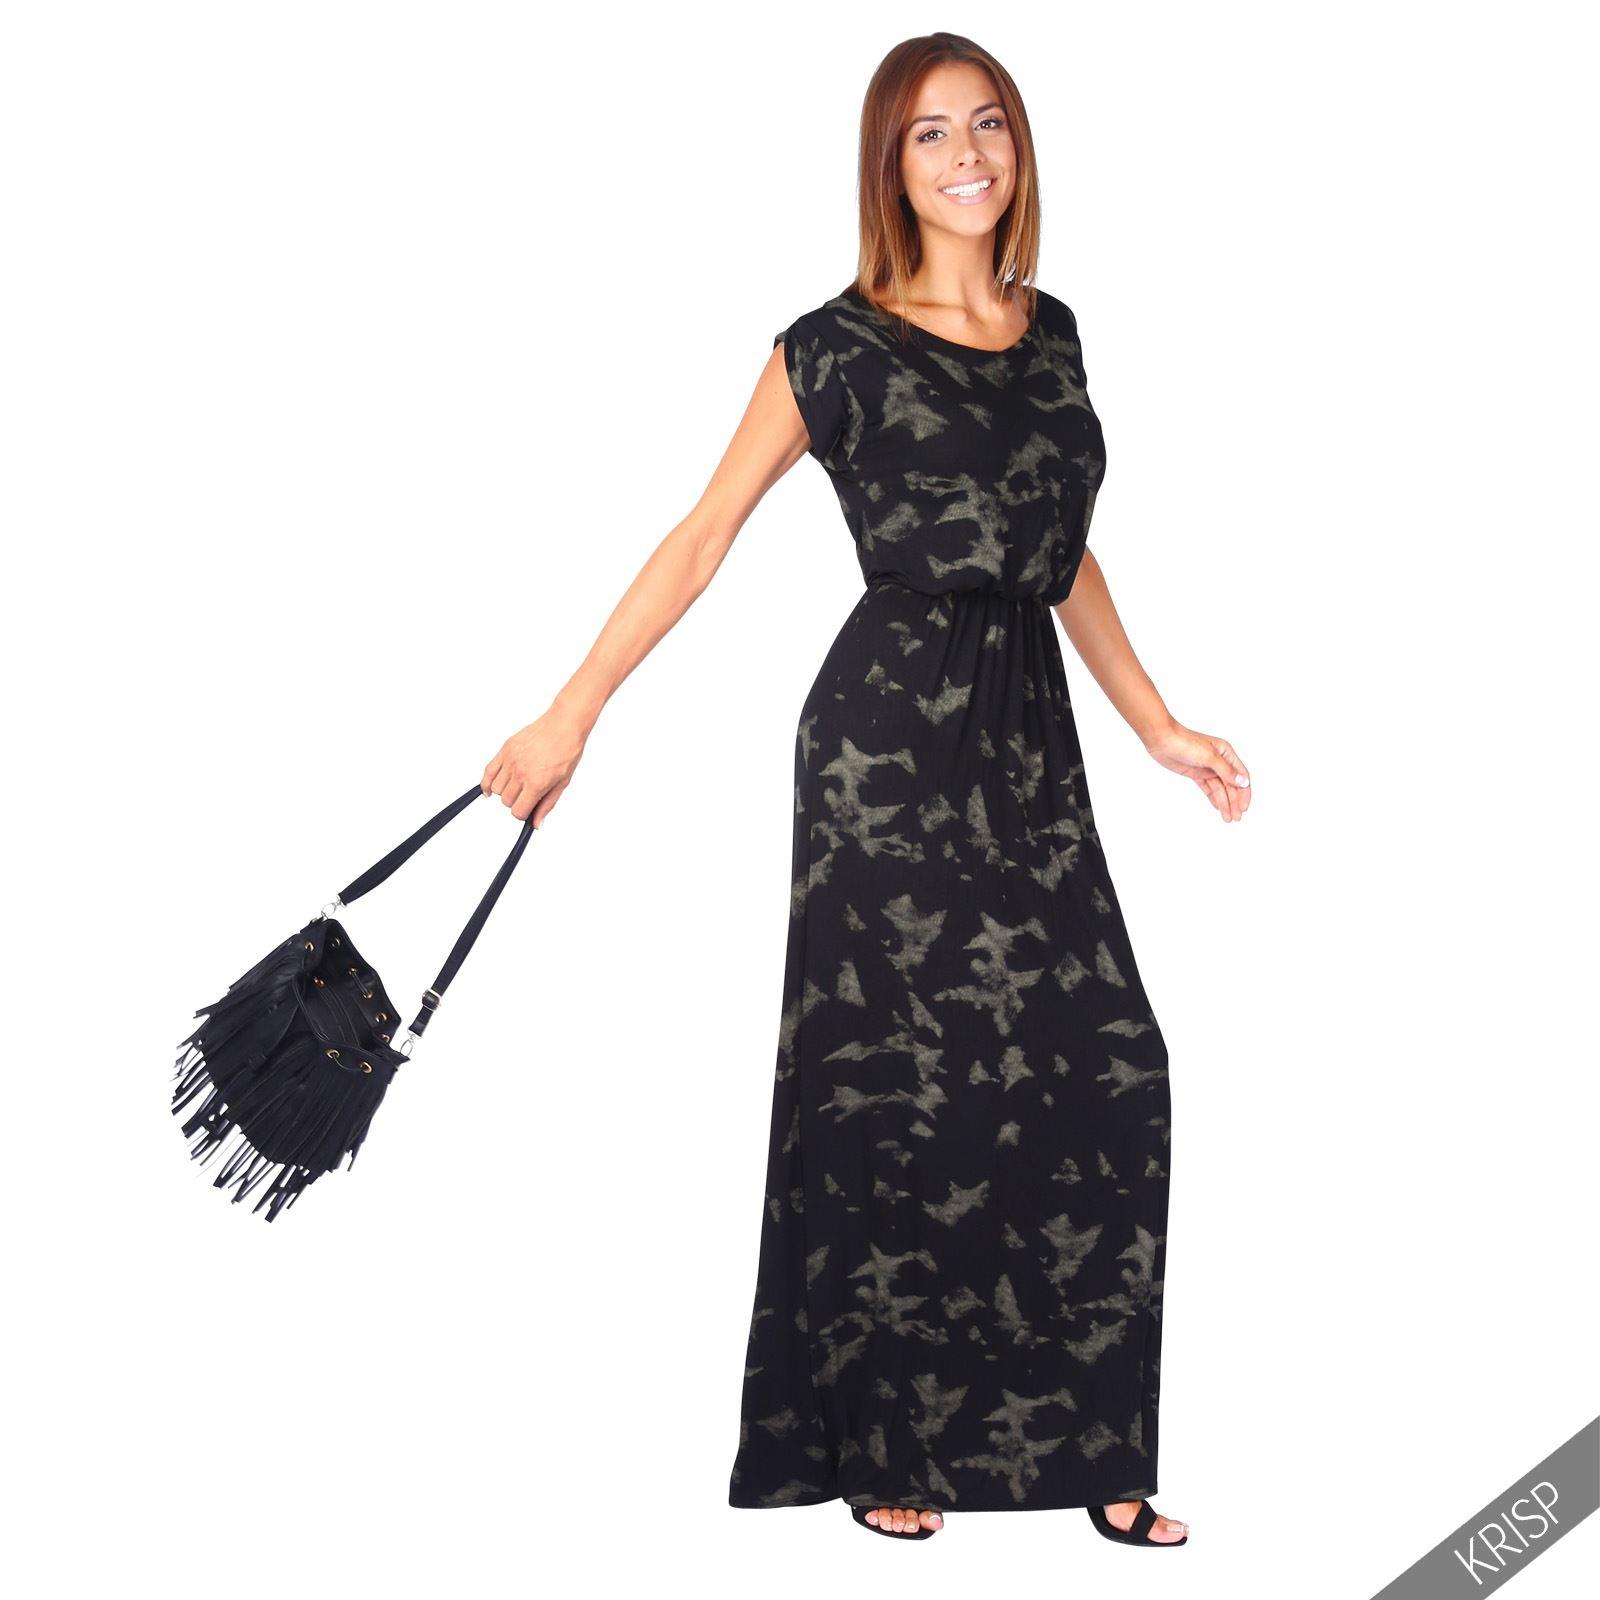 Mujer-Boho-Grande-Holgado-Jersey-Largo-Vestido-de-verano-casual-de-fiesta